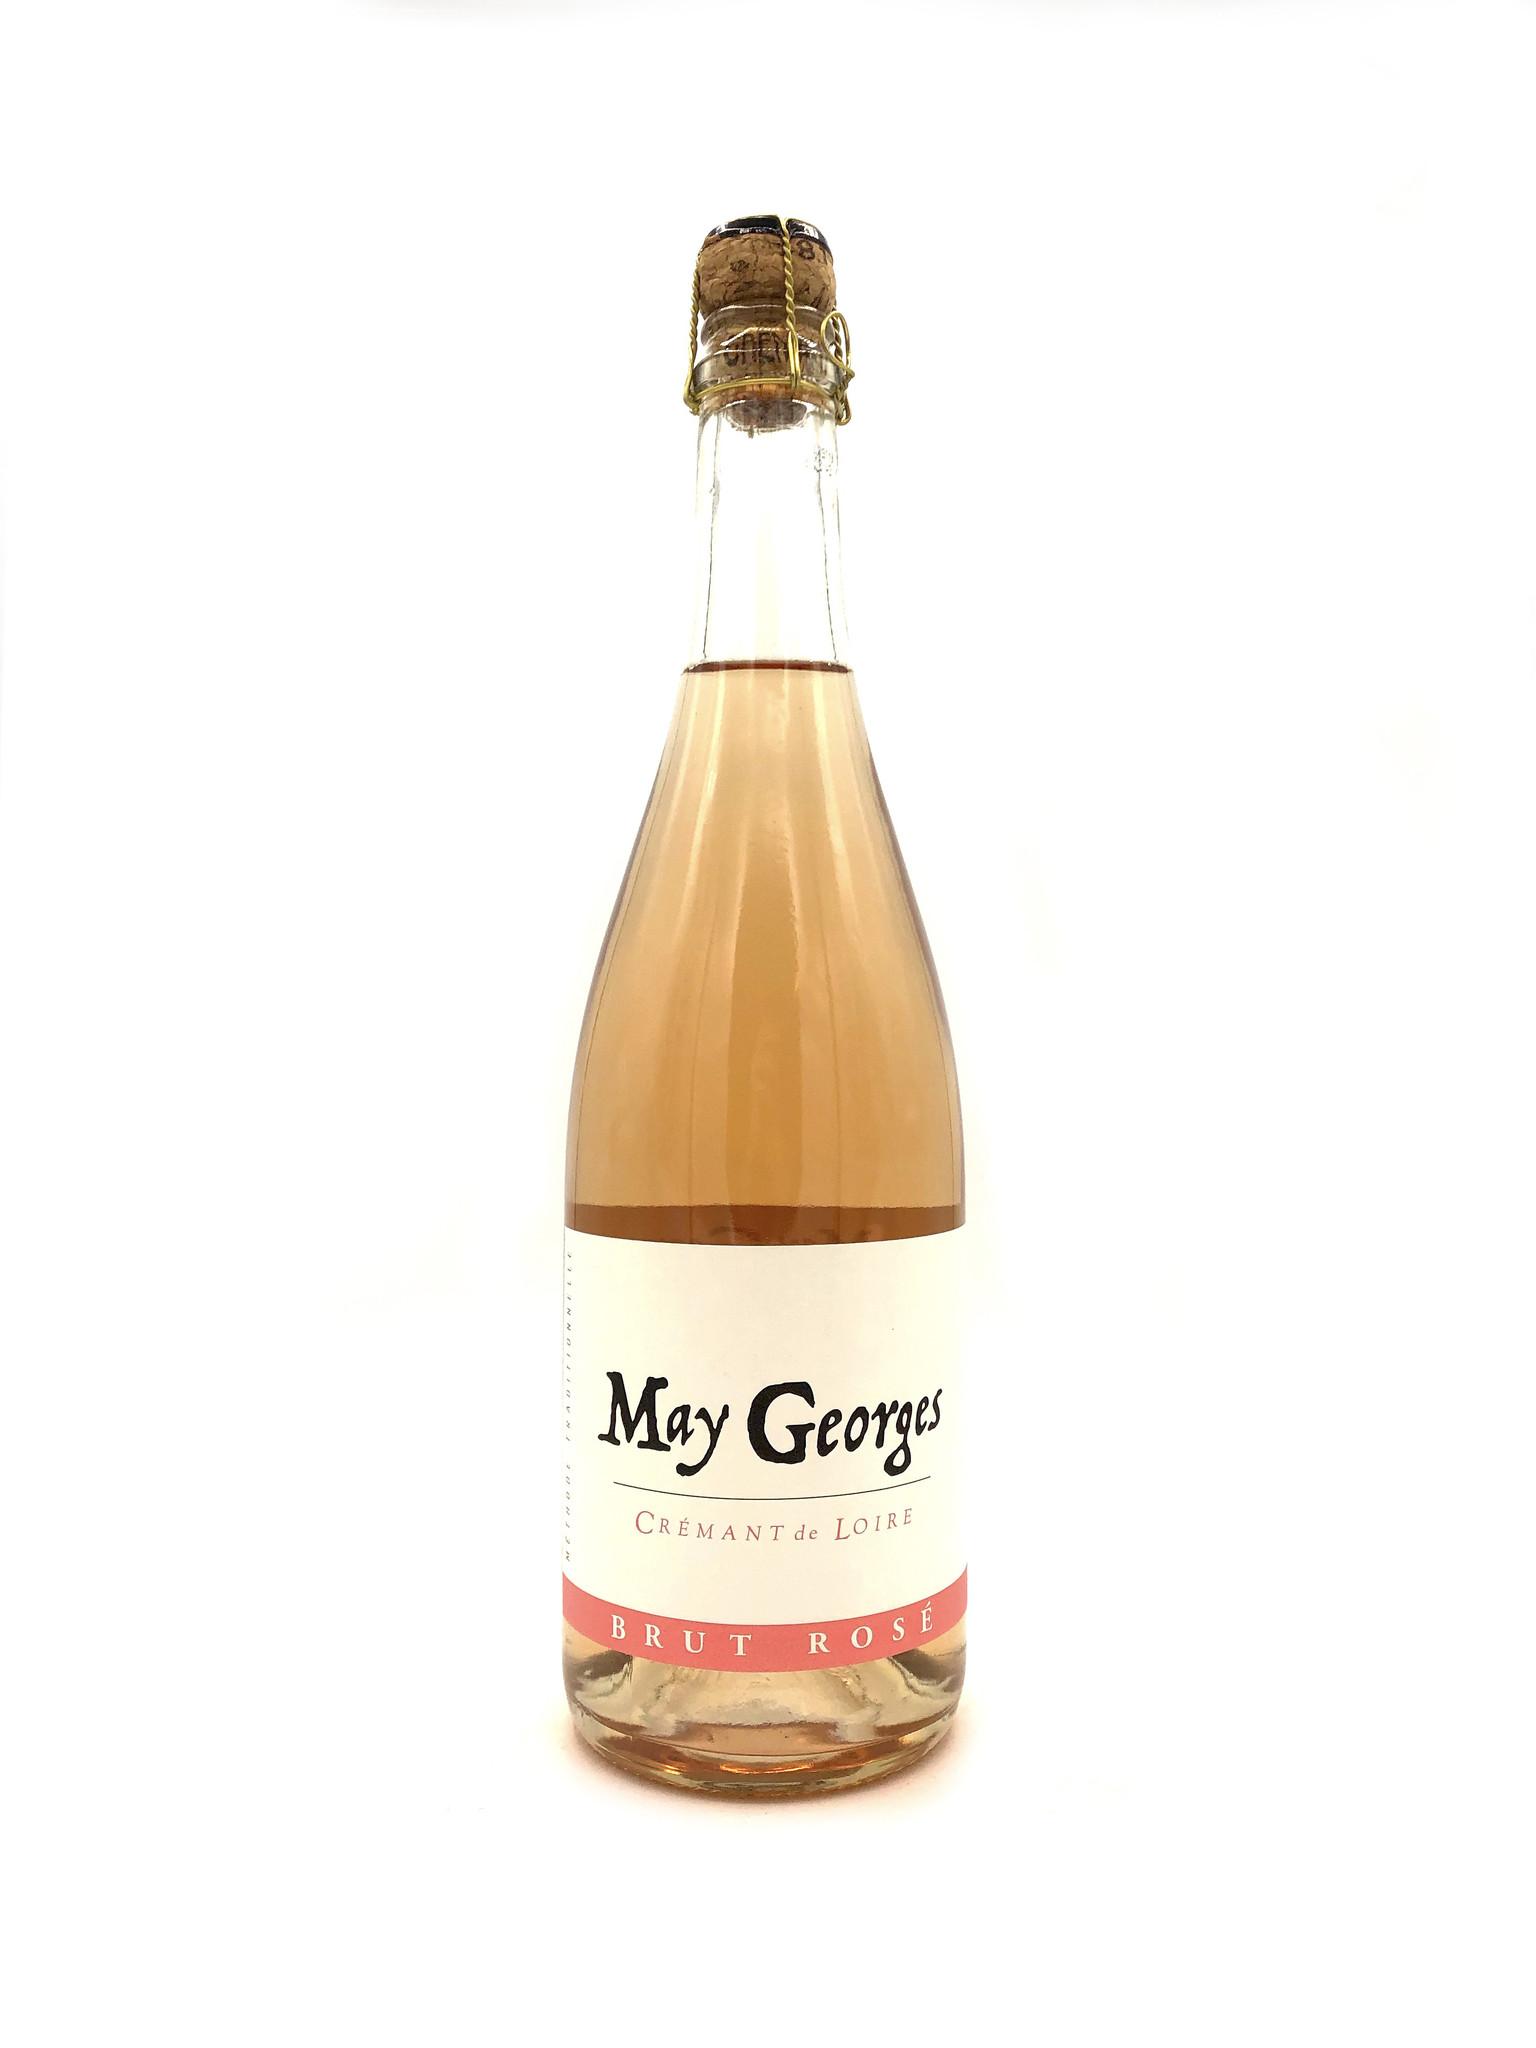 Cremant de Loire Brut Rosé NV May Georges